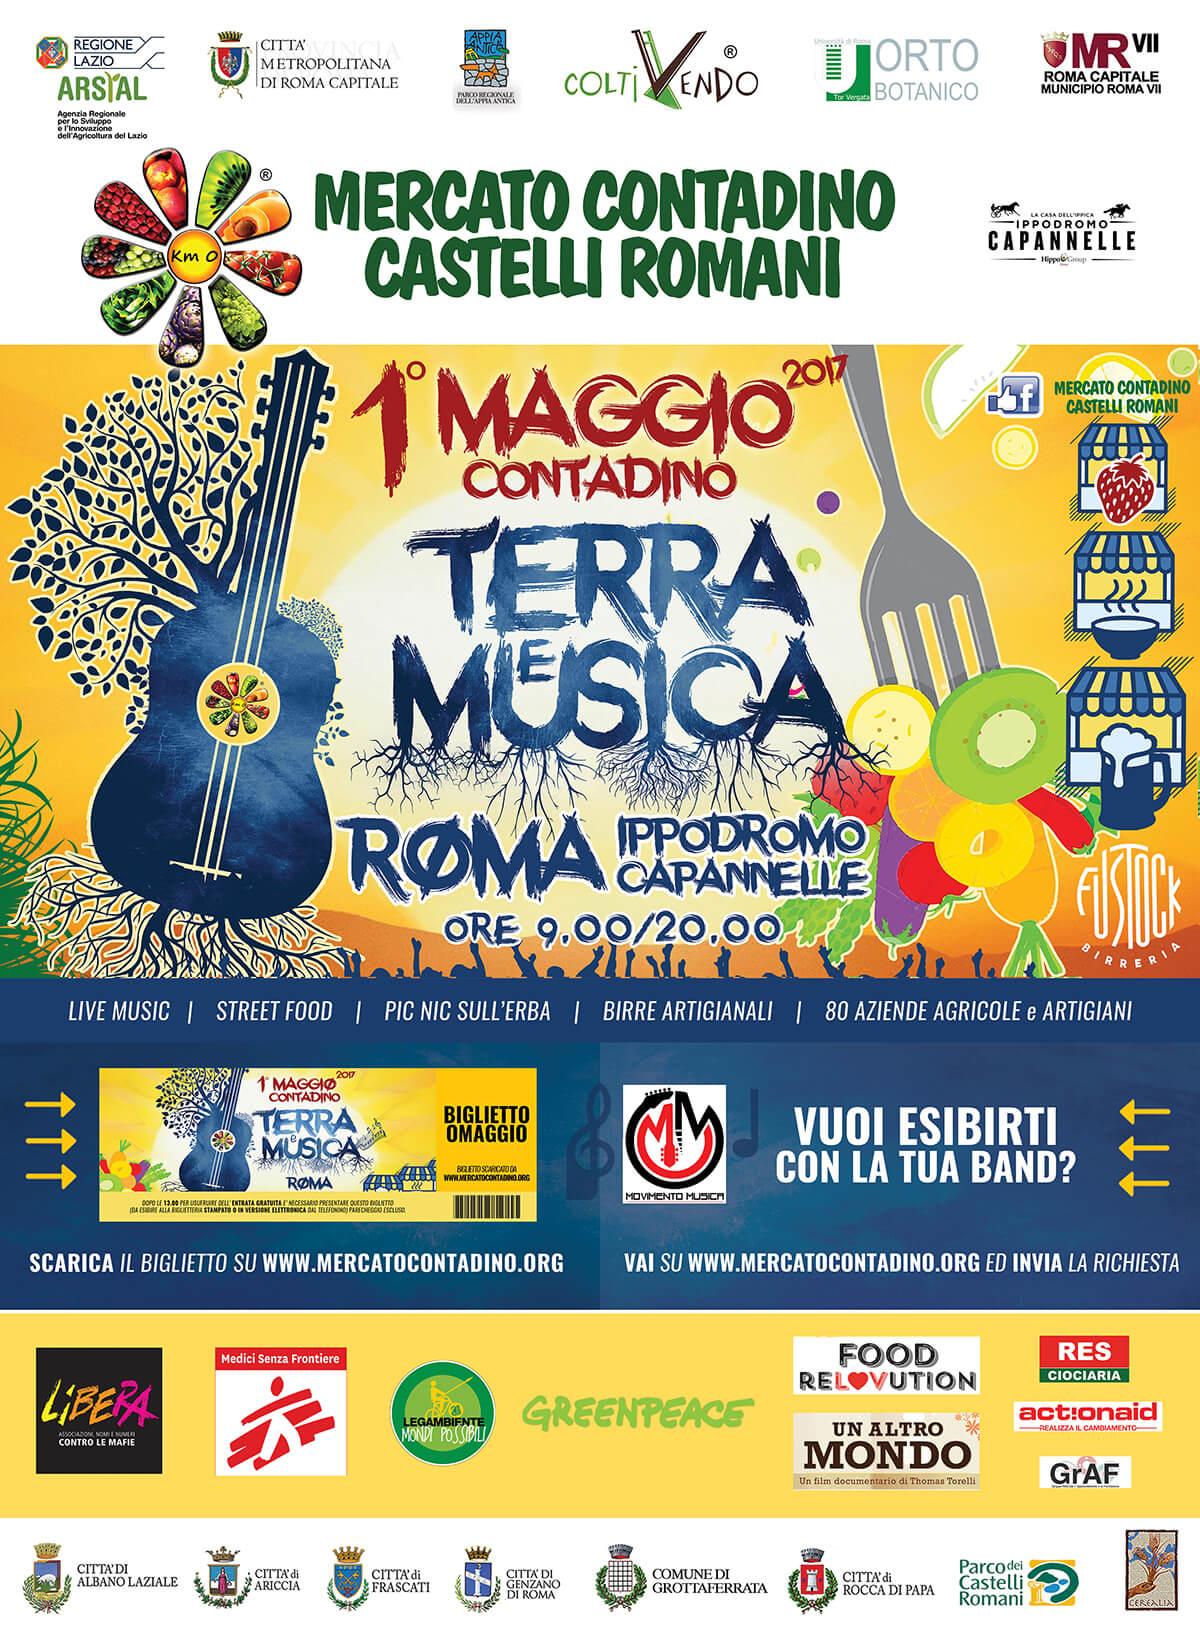 01 MAGGIO TERRA e MUSICA Festa del 1° maggio contadino